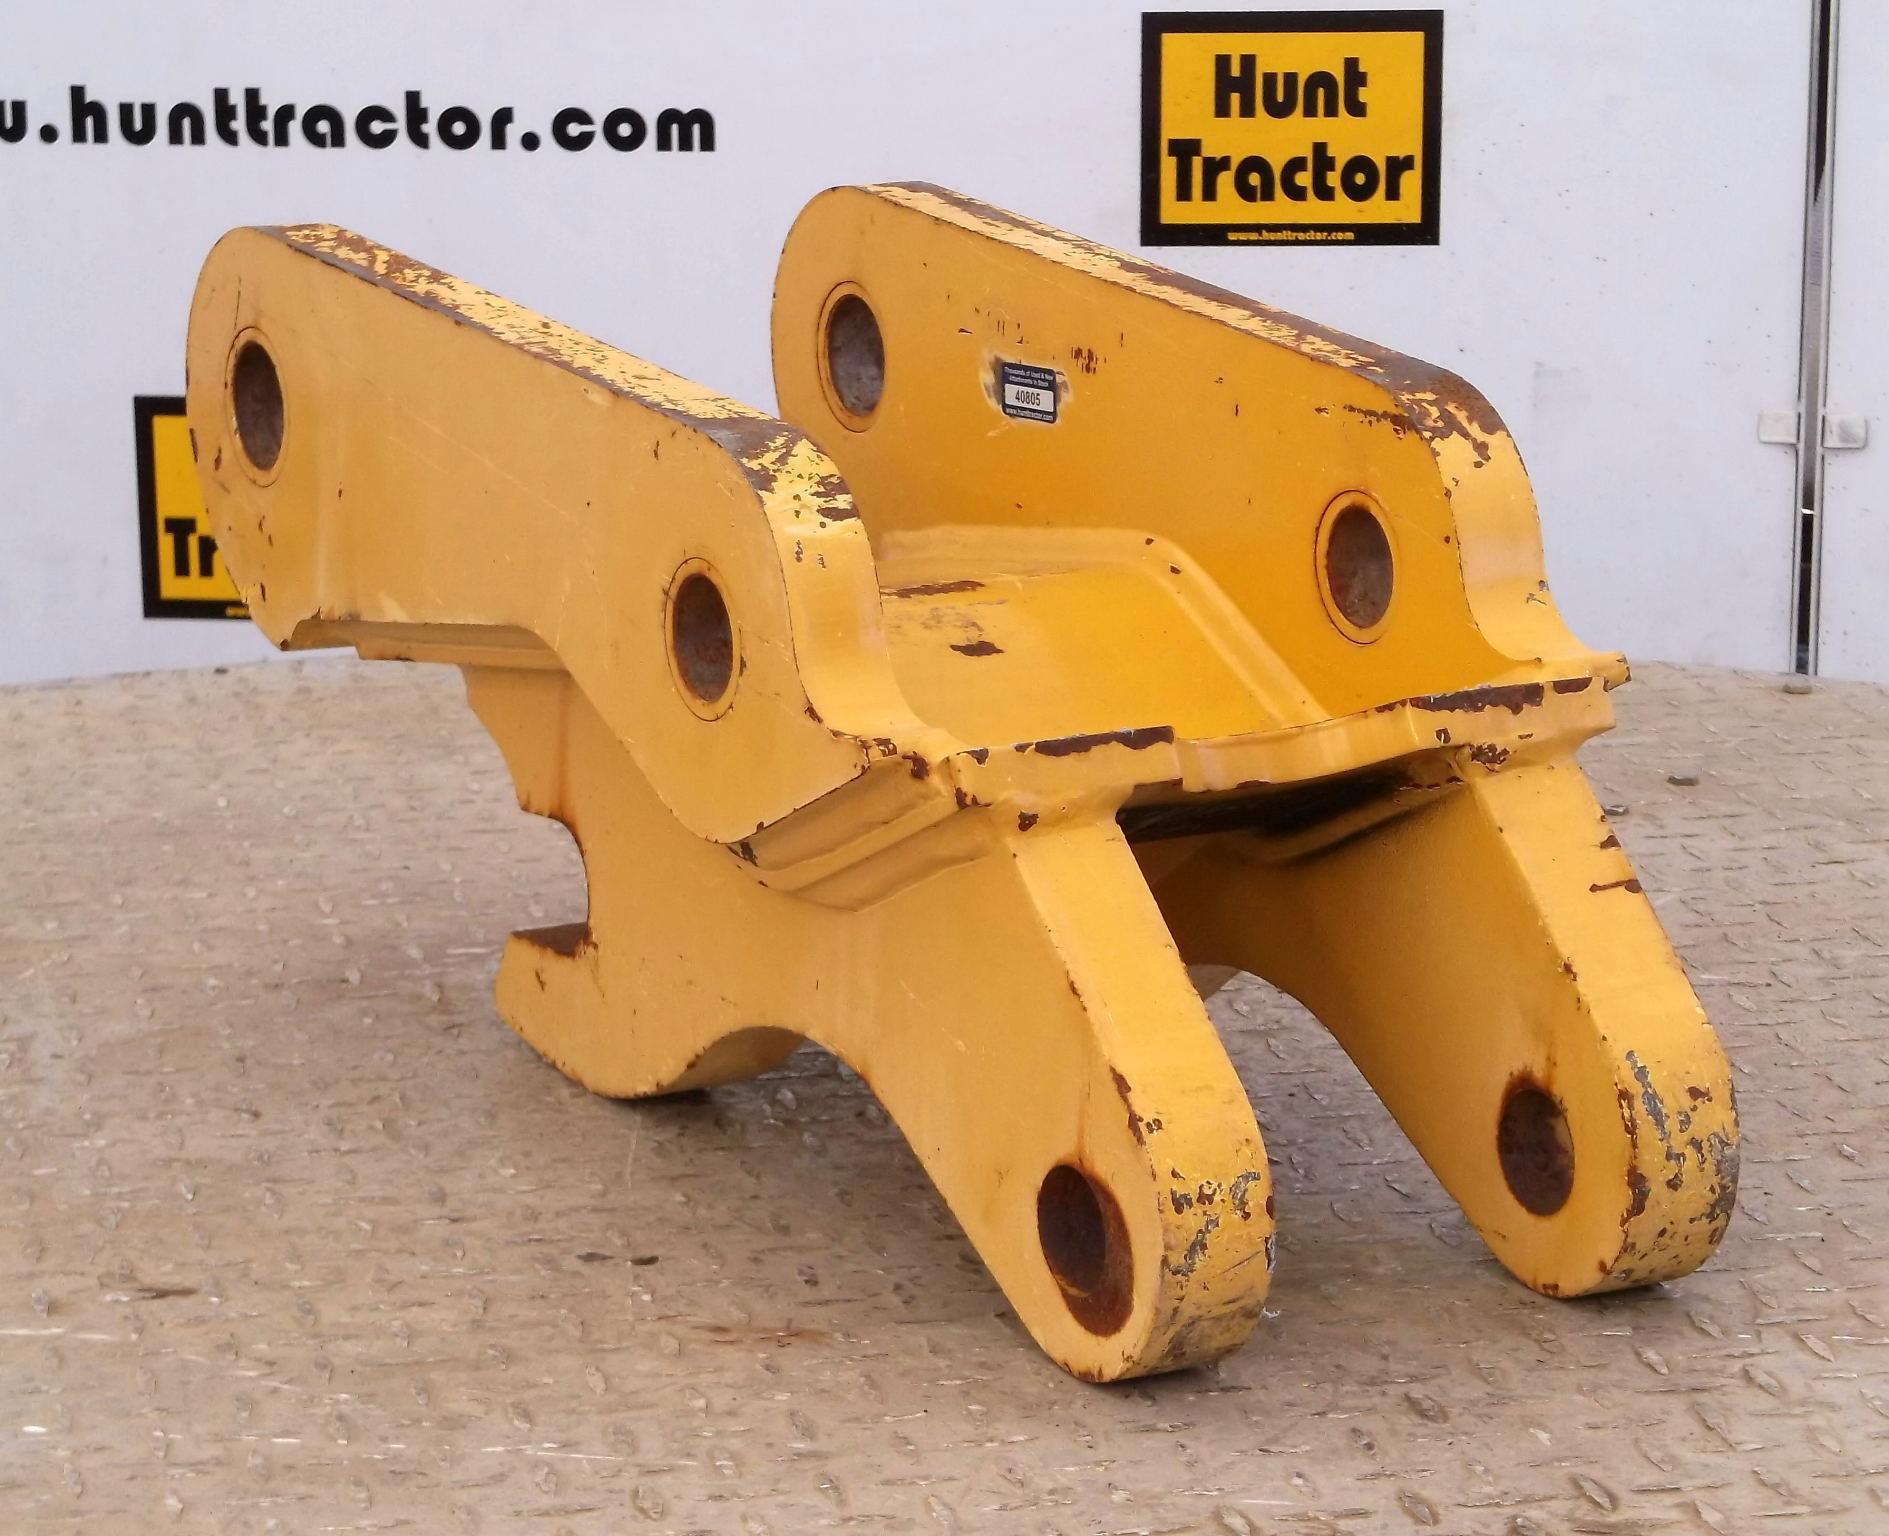 new john deere 310e manual john deere pin grabber quick change for sale rh hunttractor com john deere 310e operator's manual john deere 310e manual free